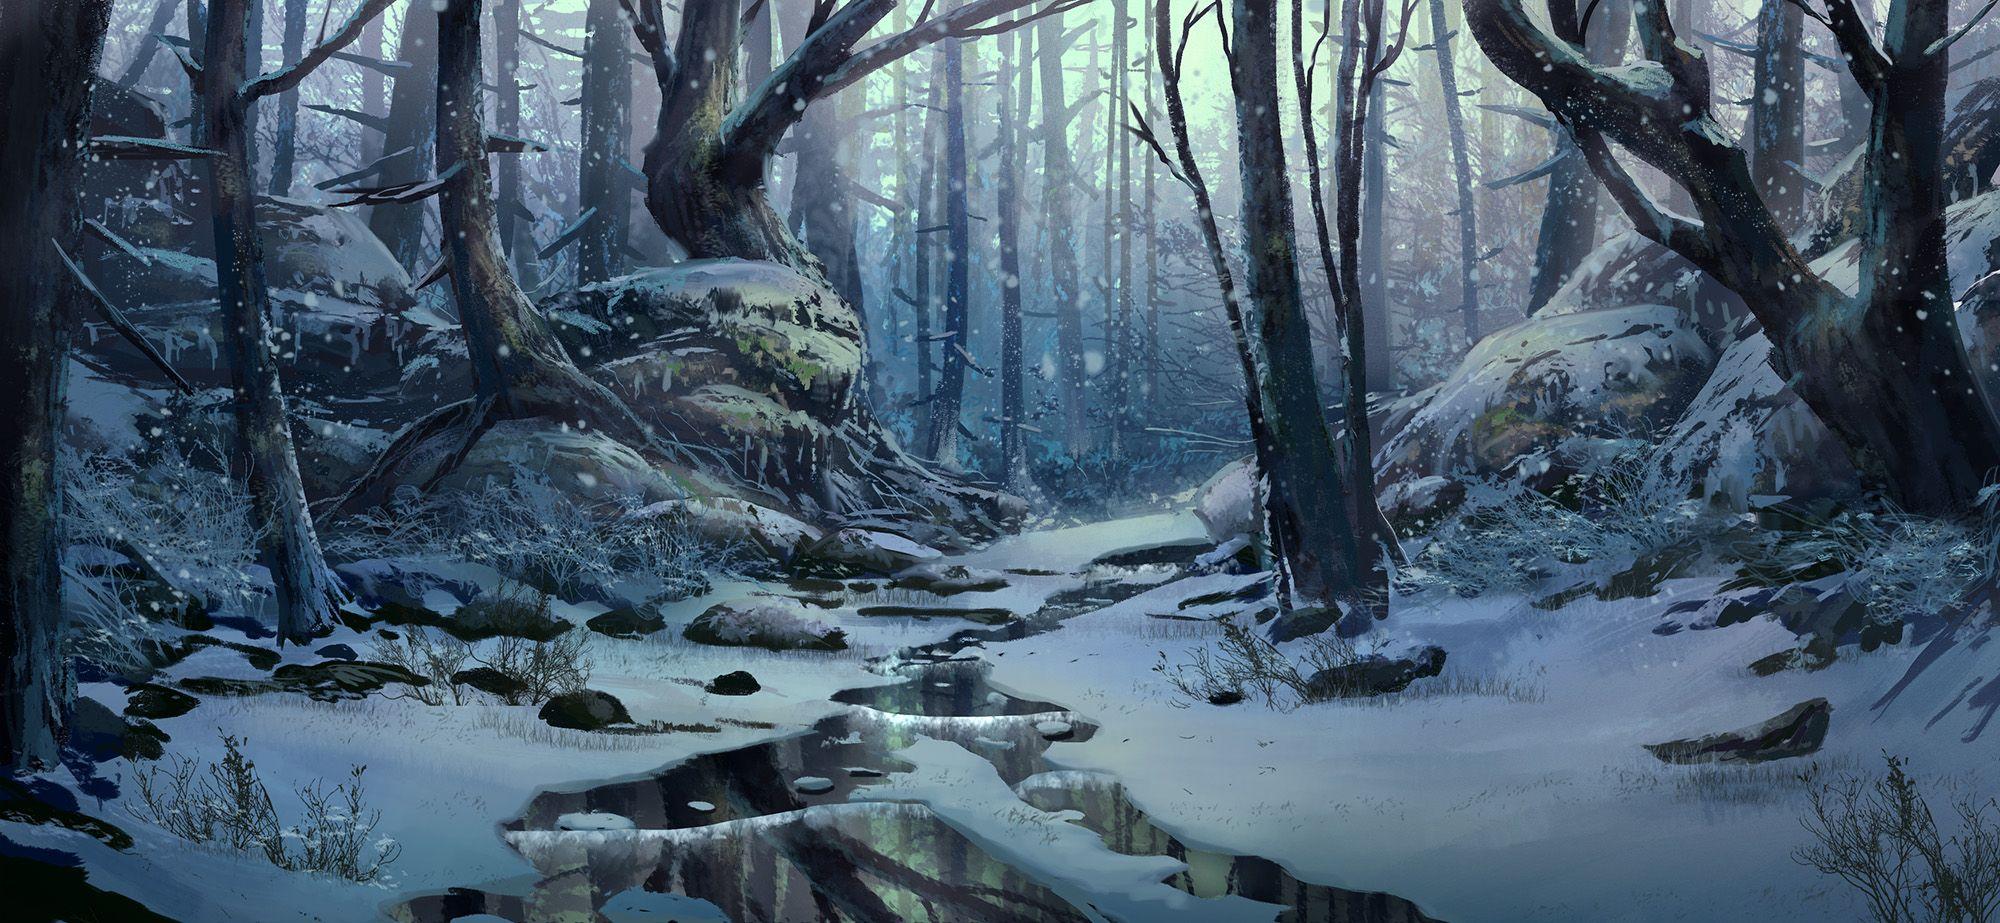 Winter Scene by Tyler Edlin in 2020 Fantasy landscape